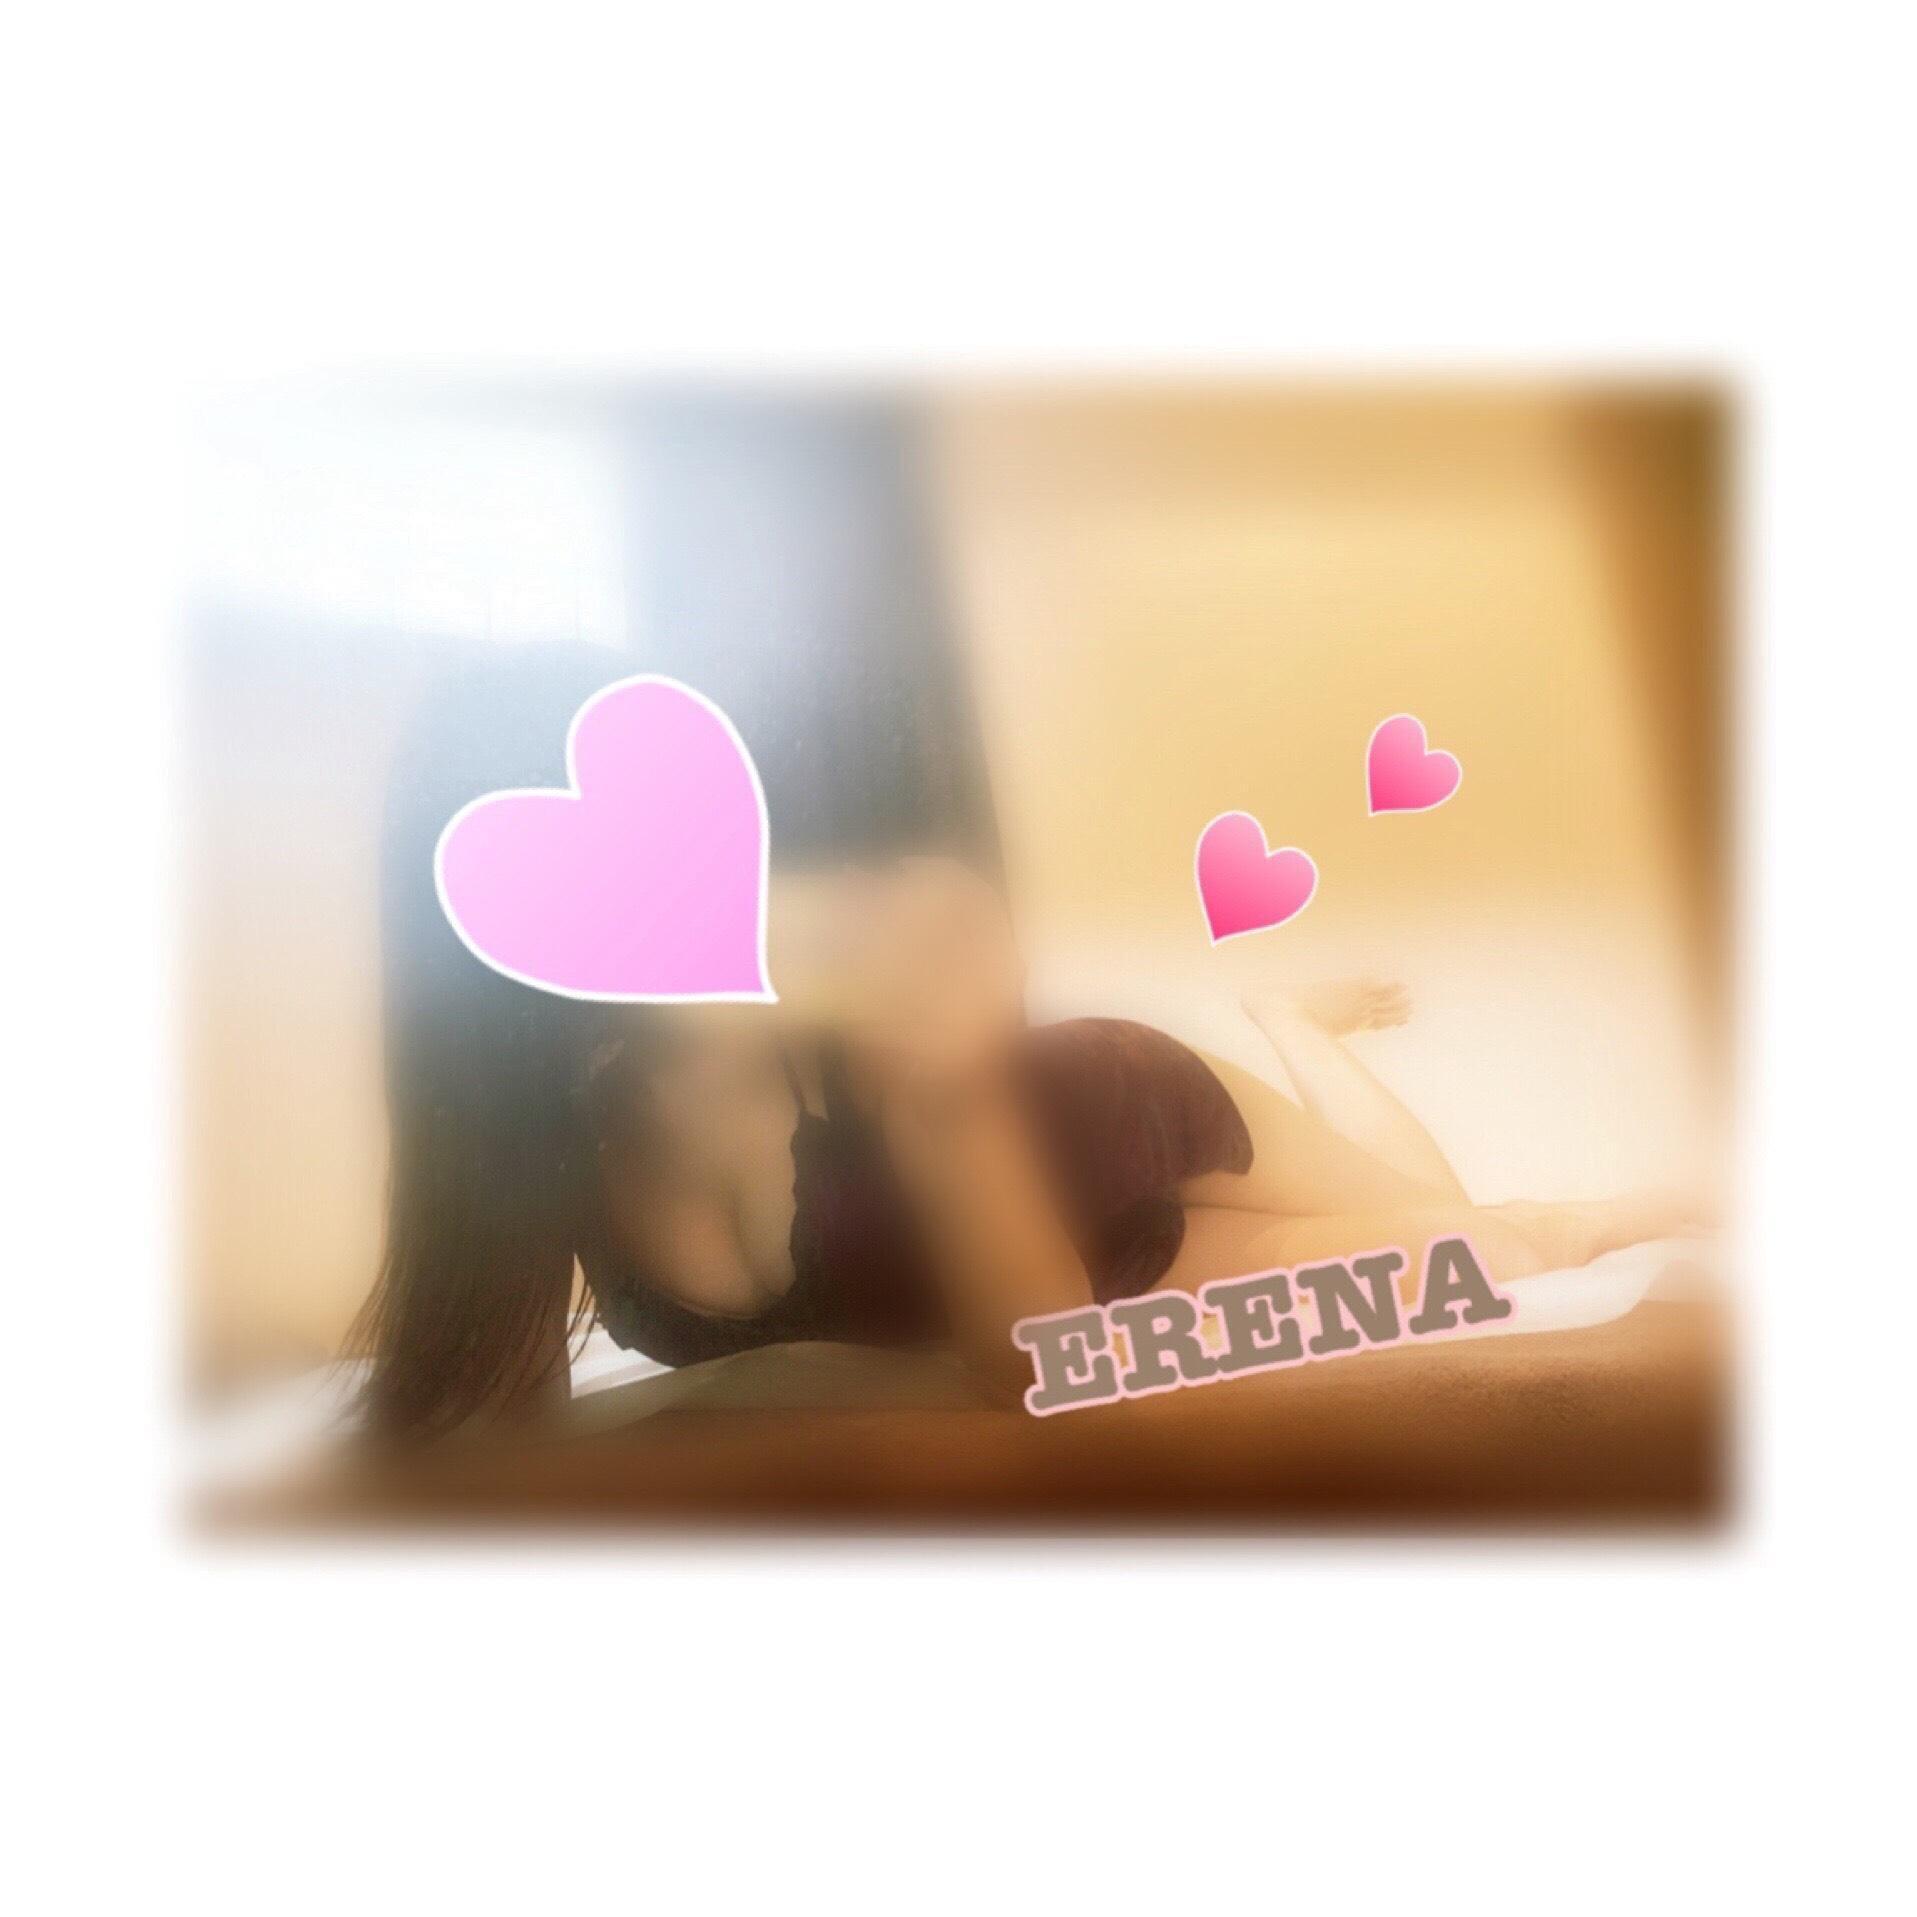 「❤︎」06/21(月) 13:51   桜咲 えれなの写メ日記